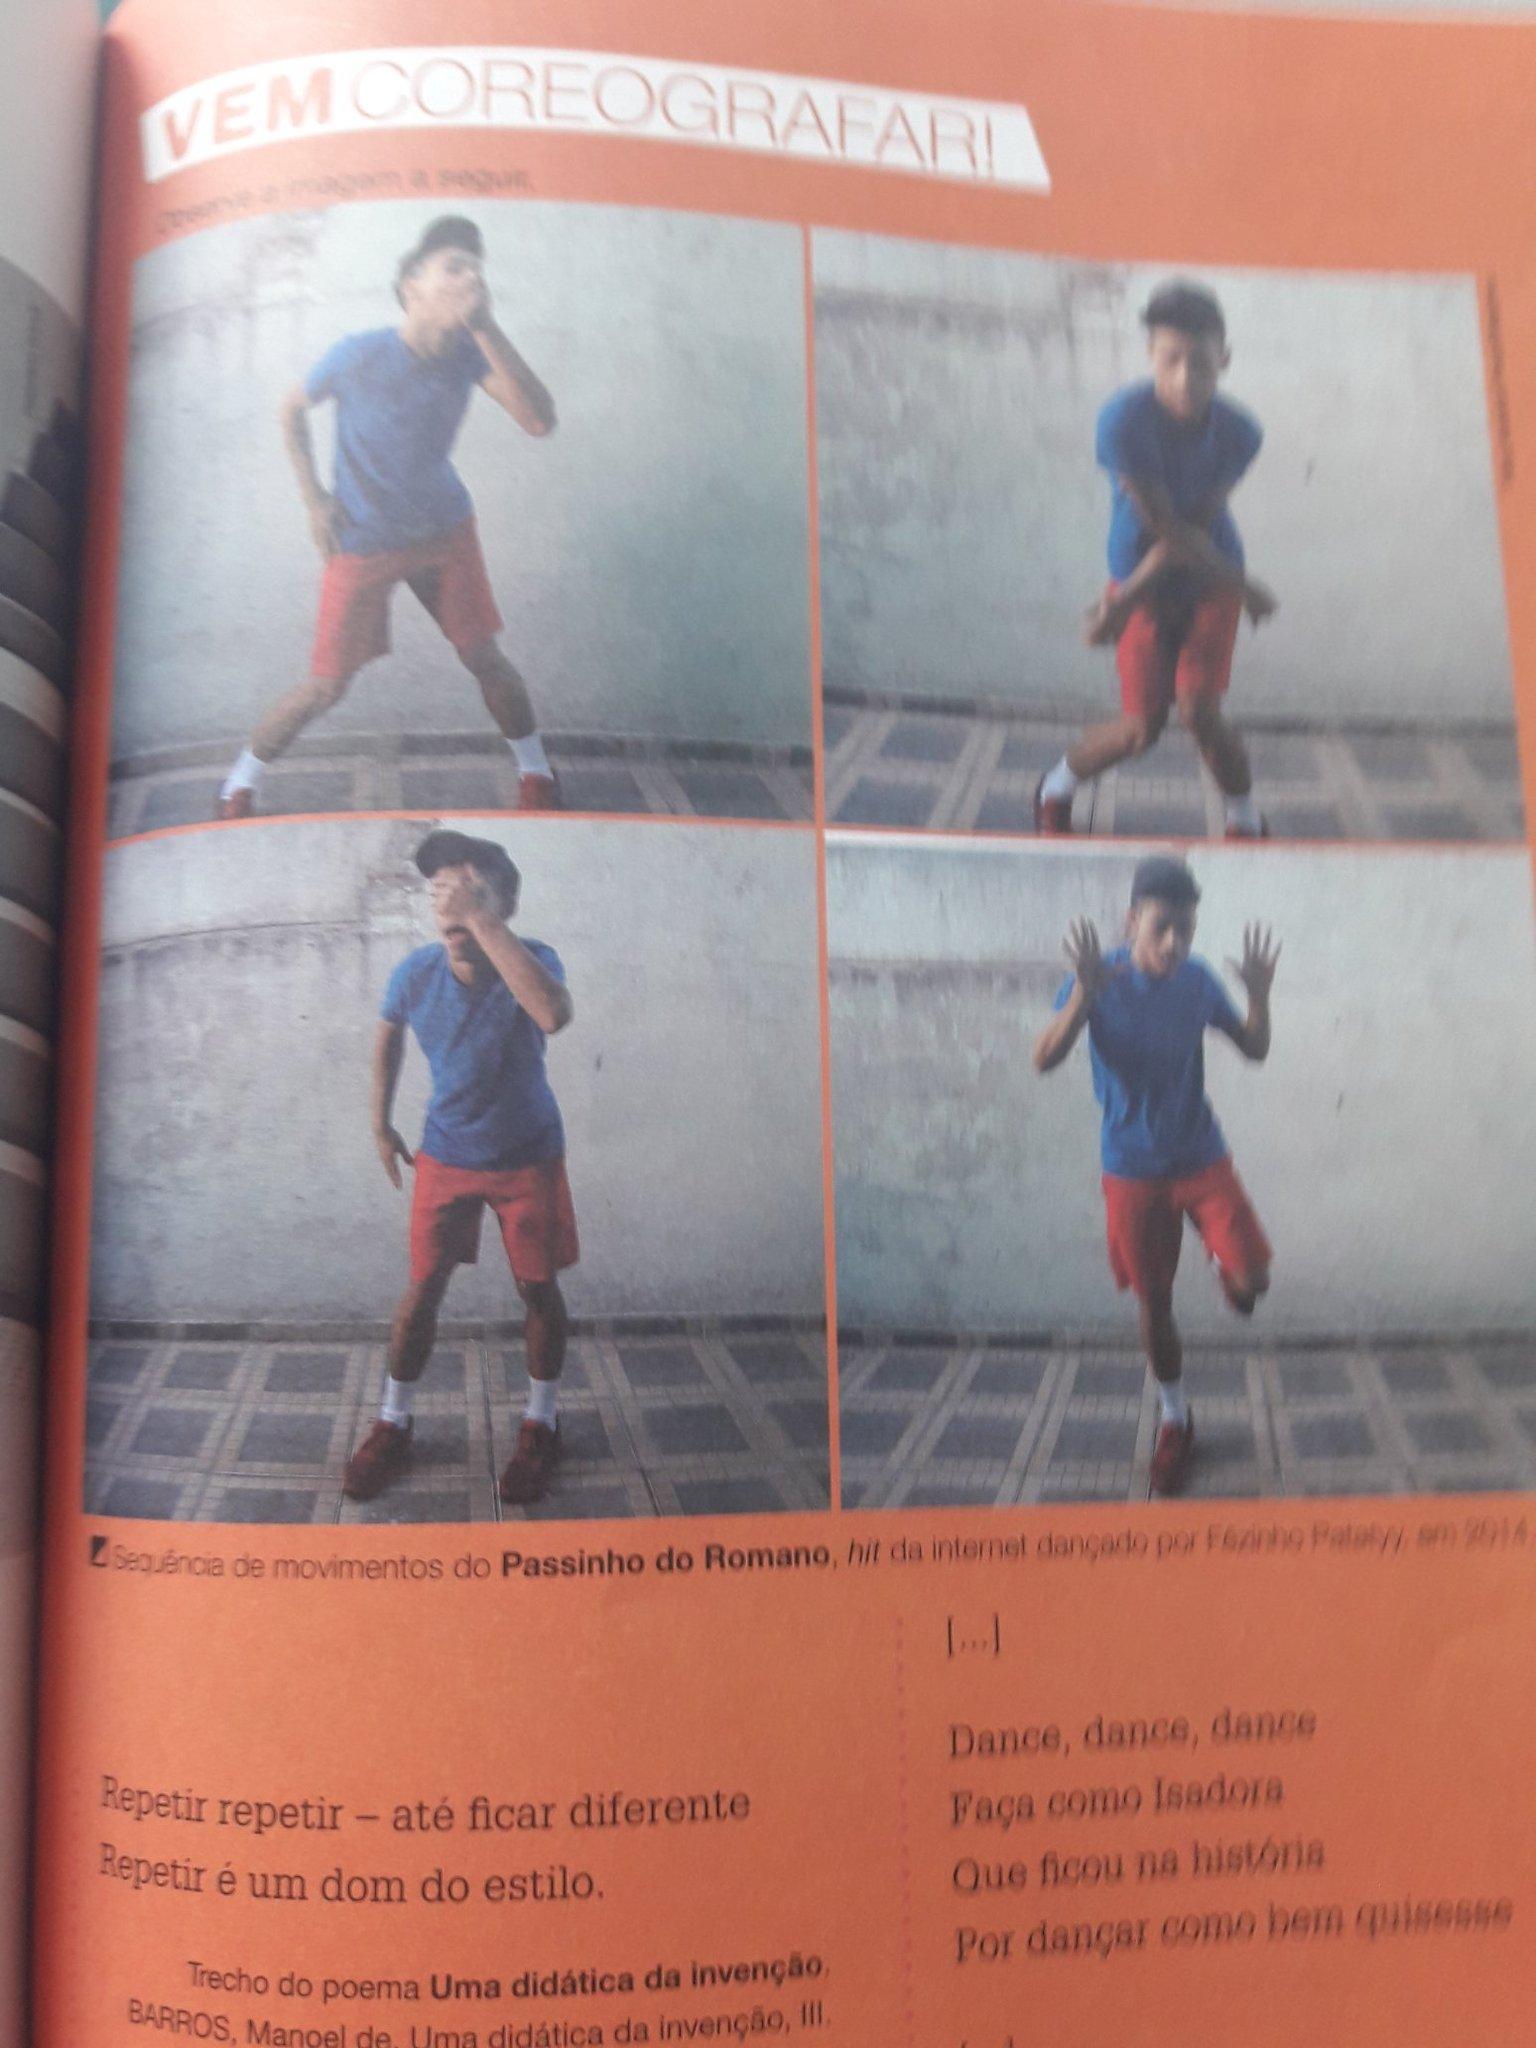 Passinho do romano no livro de artes - meme